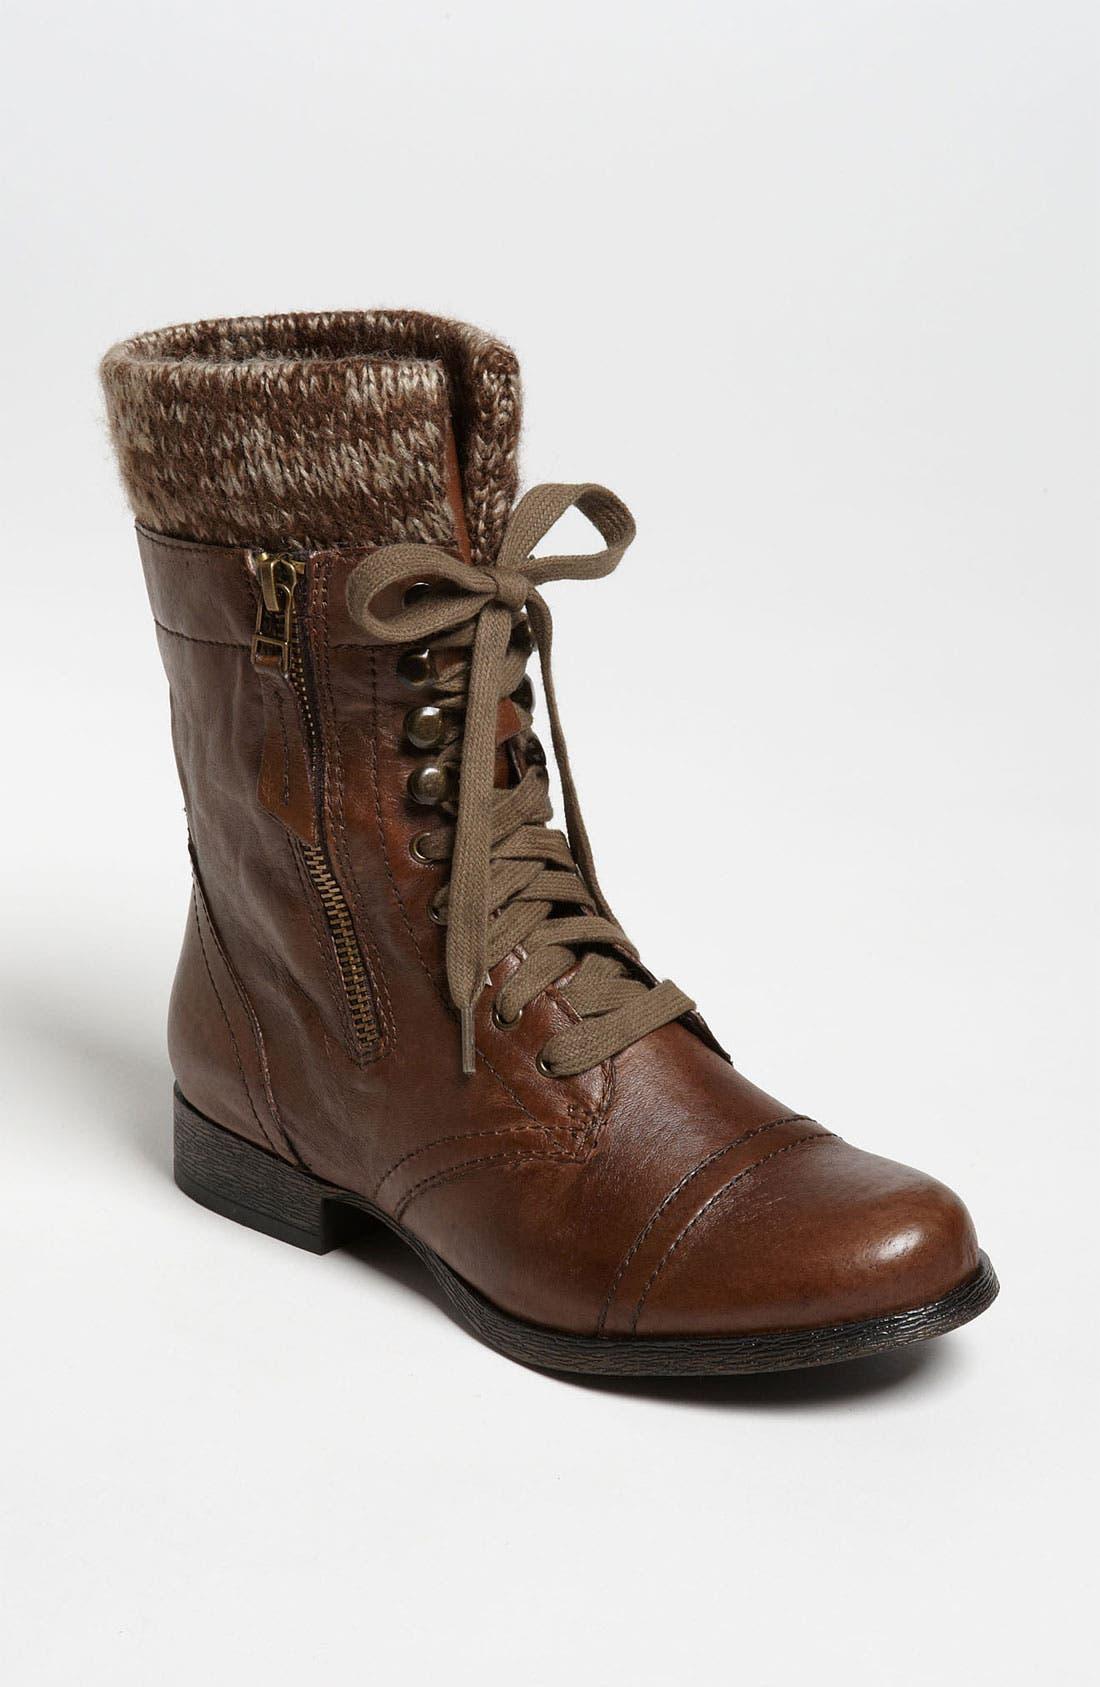 Alternate Image 1 Selected - Steve Madden 'Jaax' Boot